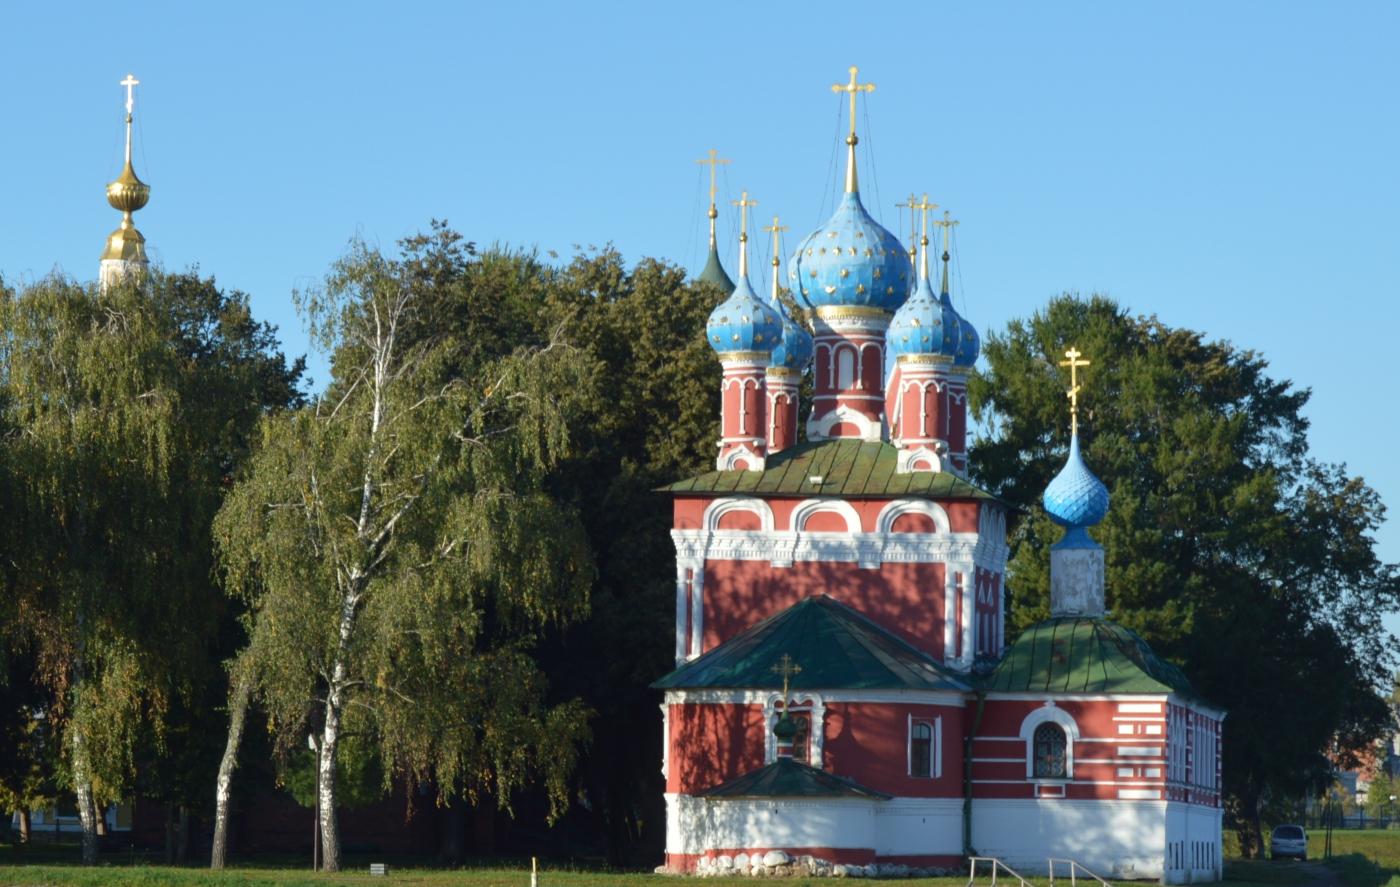 俄罗斯小镇风光_图1-37